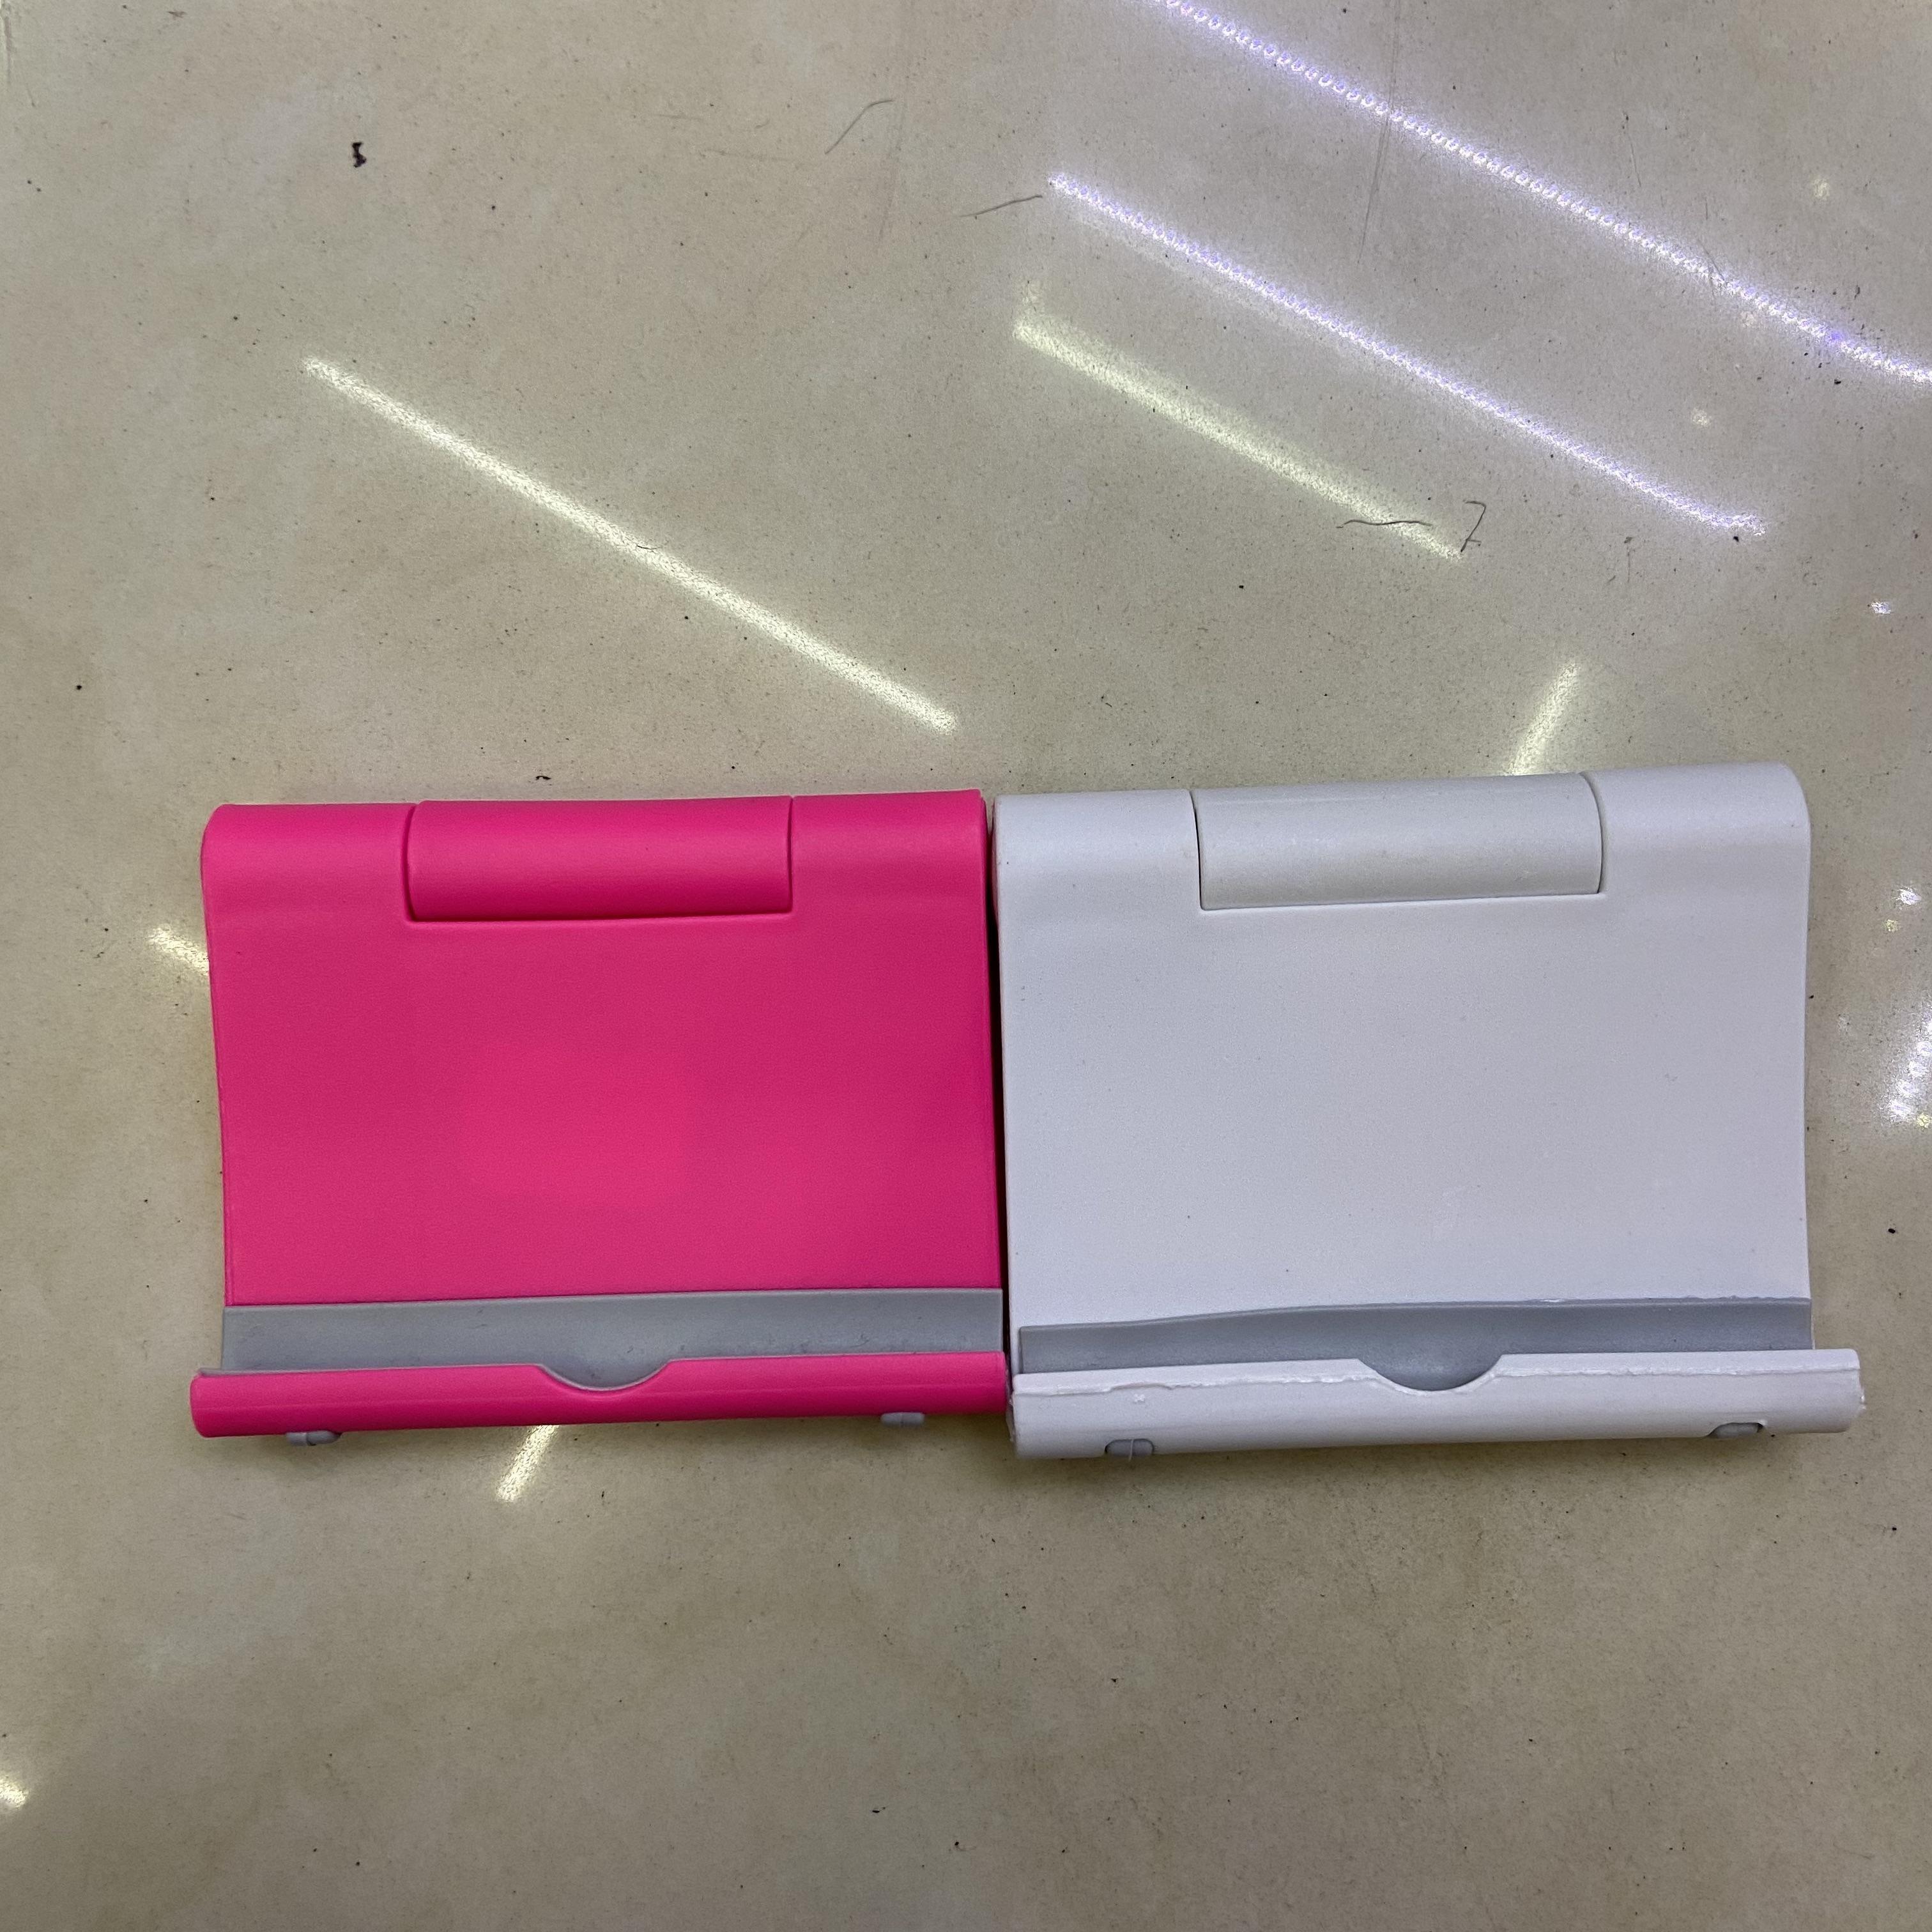 手机桌面懒人支架苹果ipad平板电脑ipad通用多功能创意简约折叠式便携小巧支夹驾床头看神器支撑架